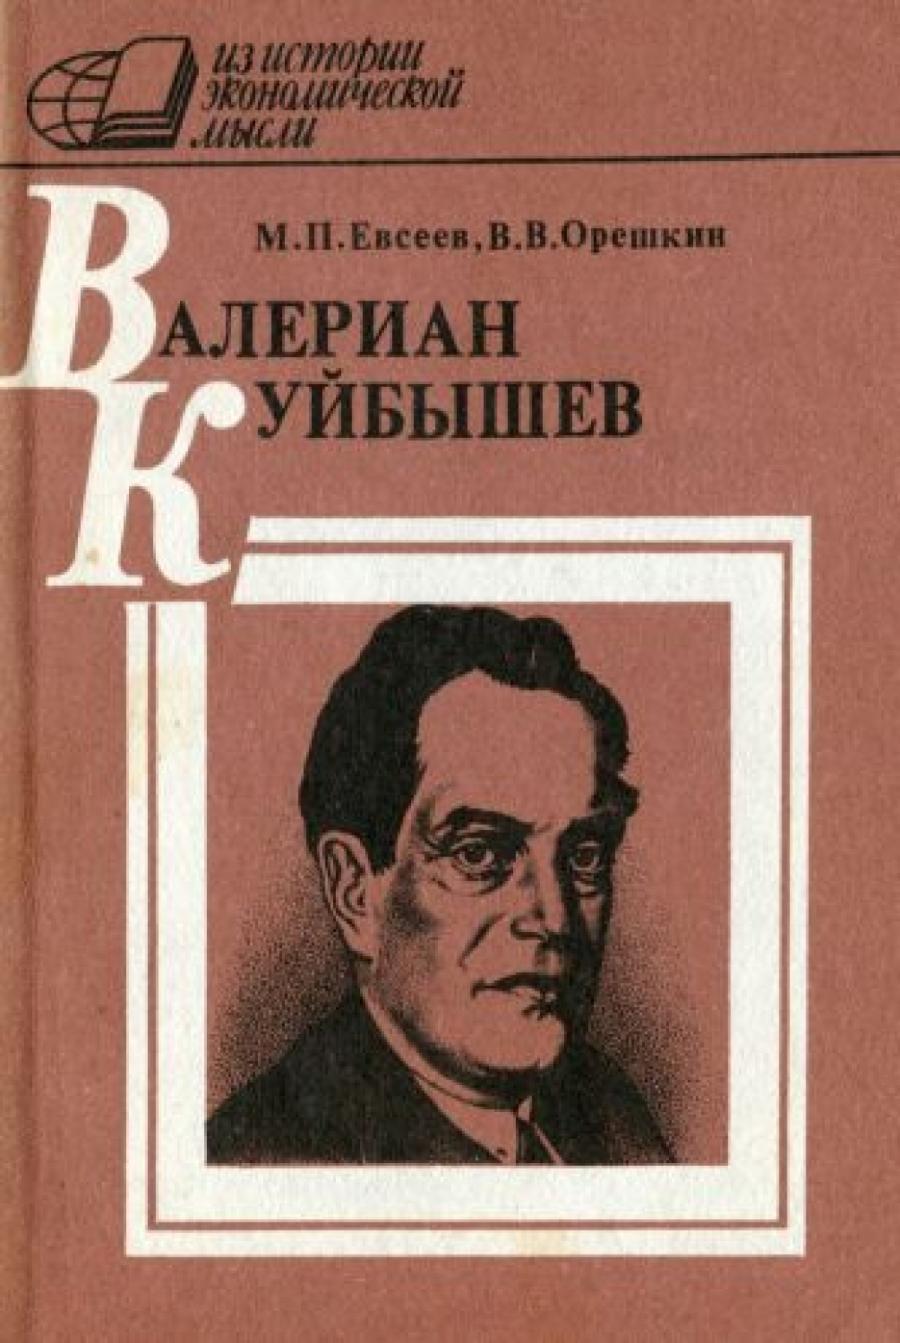 Обложка книги:  евсеев м. п., орешкин в. в. - в. в. куйбышев-экономист